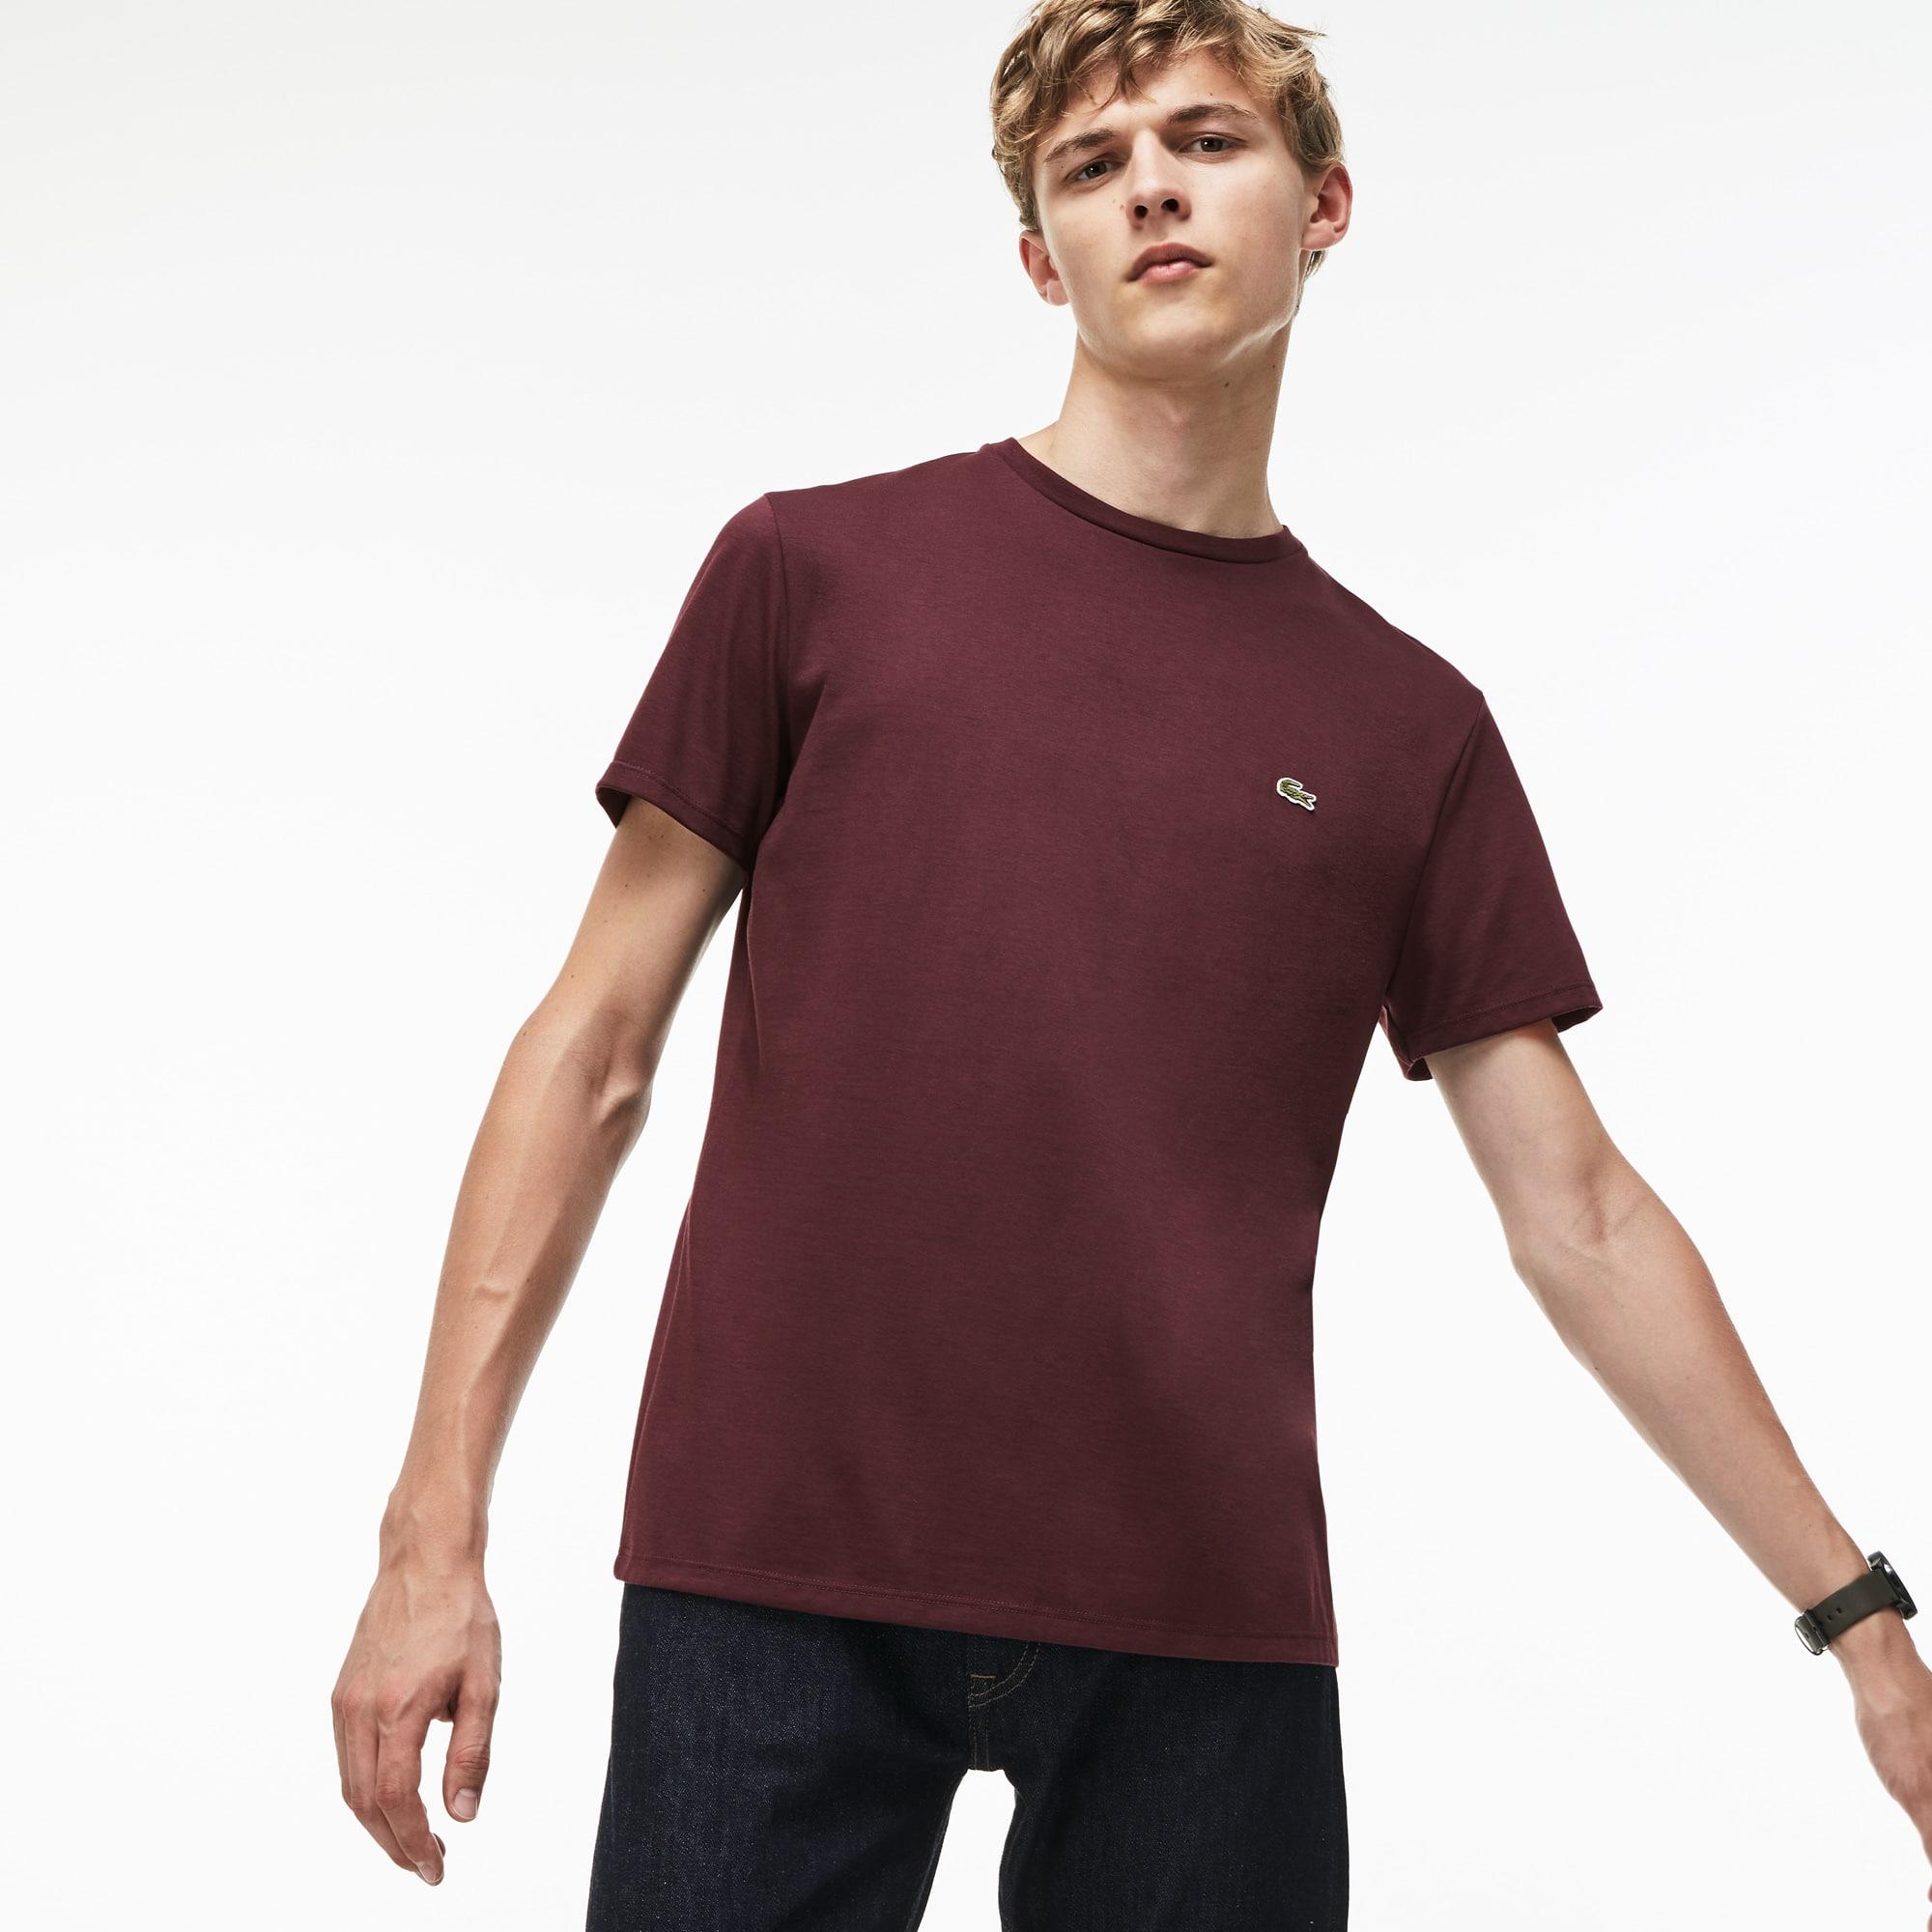 Herren-Rundhals-Shirt aus Pima-Baumwolljersey